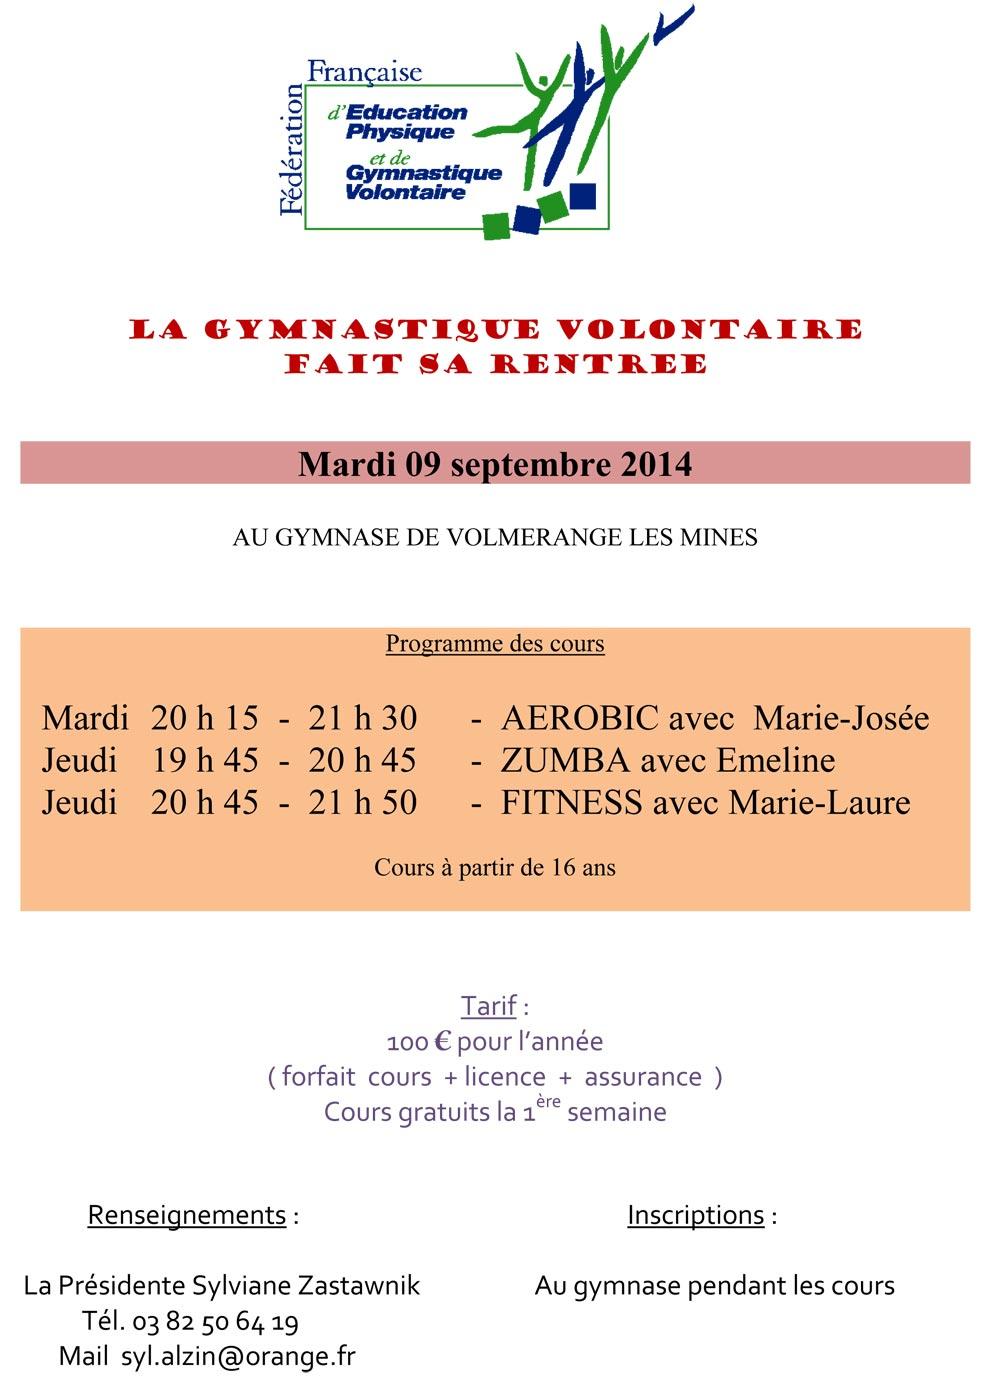 Gym-Rentrée-2014